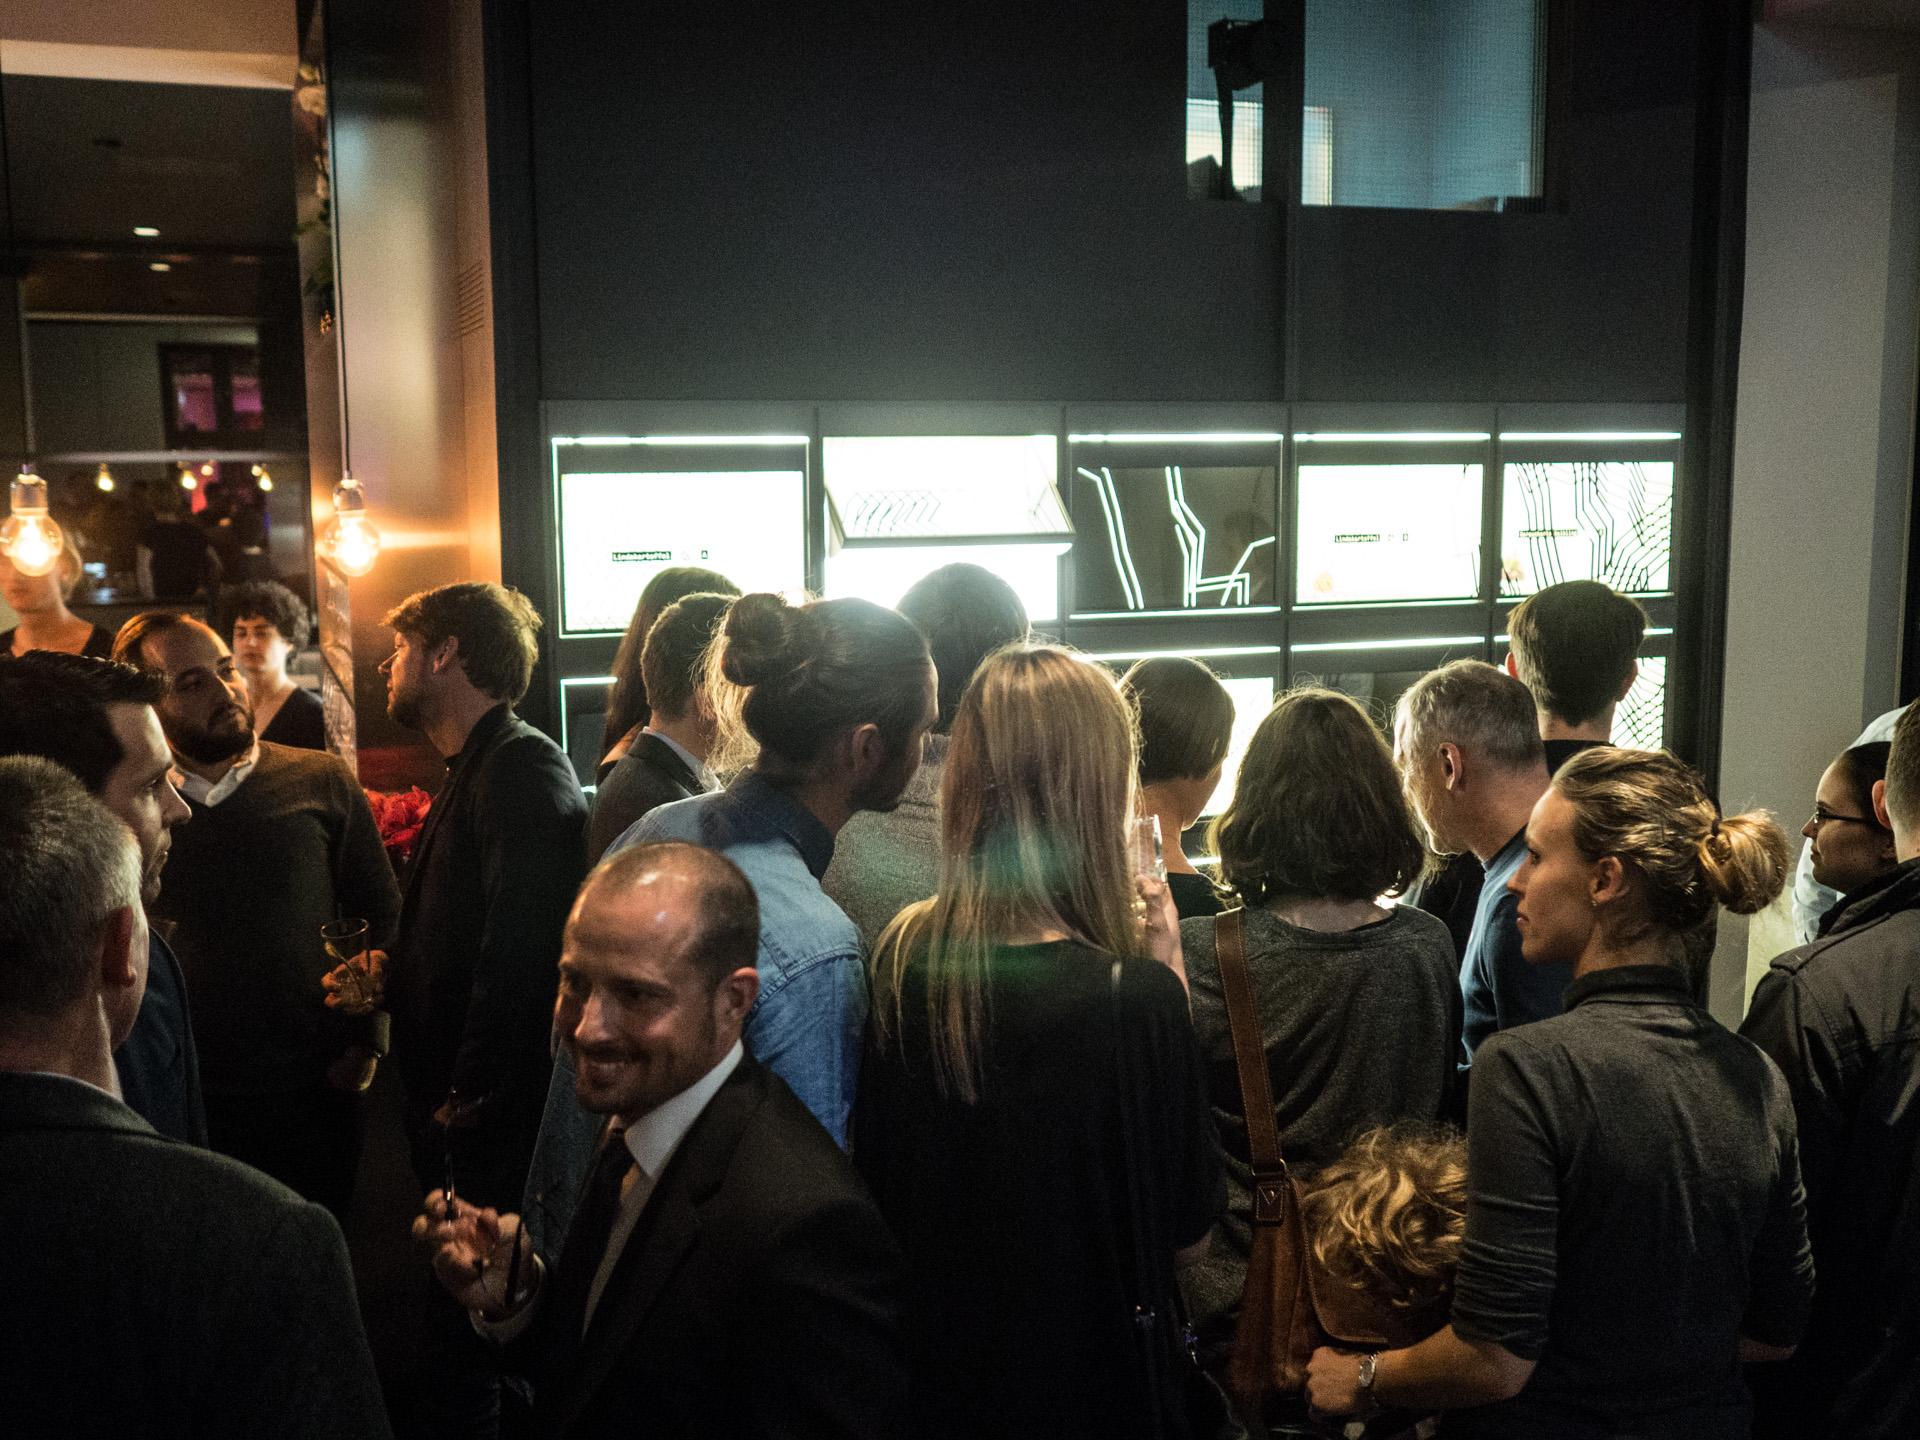 Großer Andrang an der Foodwall bei den Eröffnungsfeierlichkeiten des Data Space am 12. Dezember.